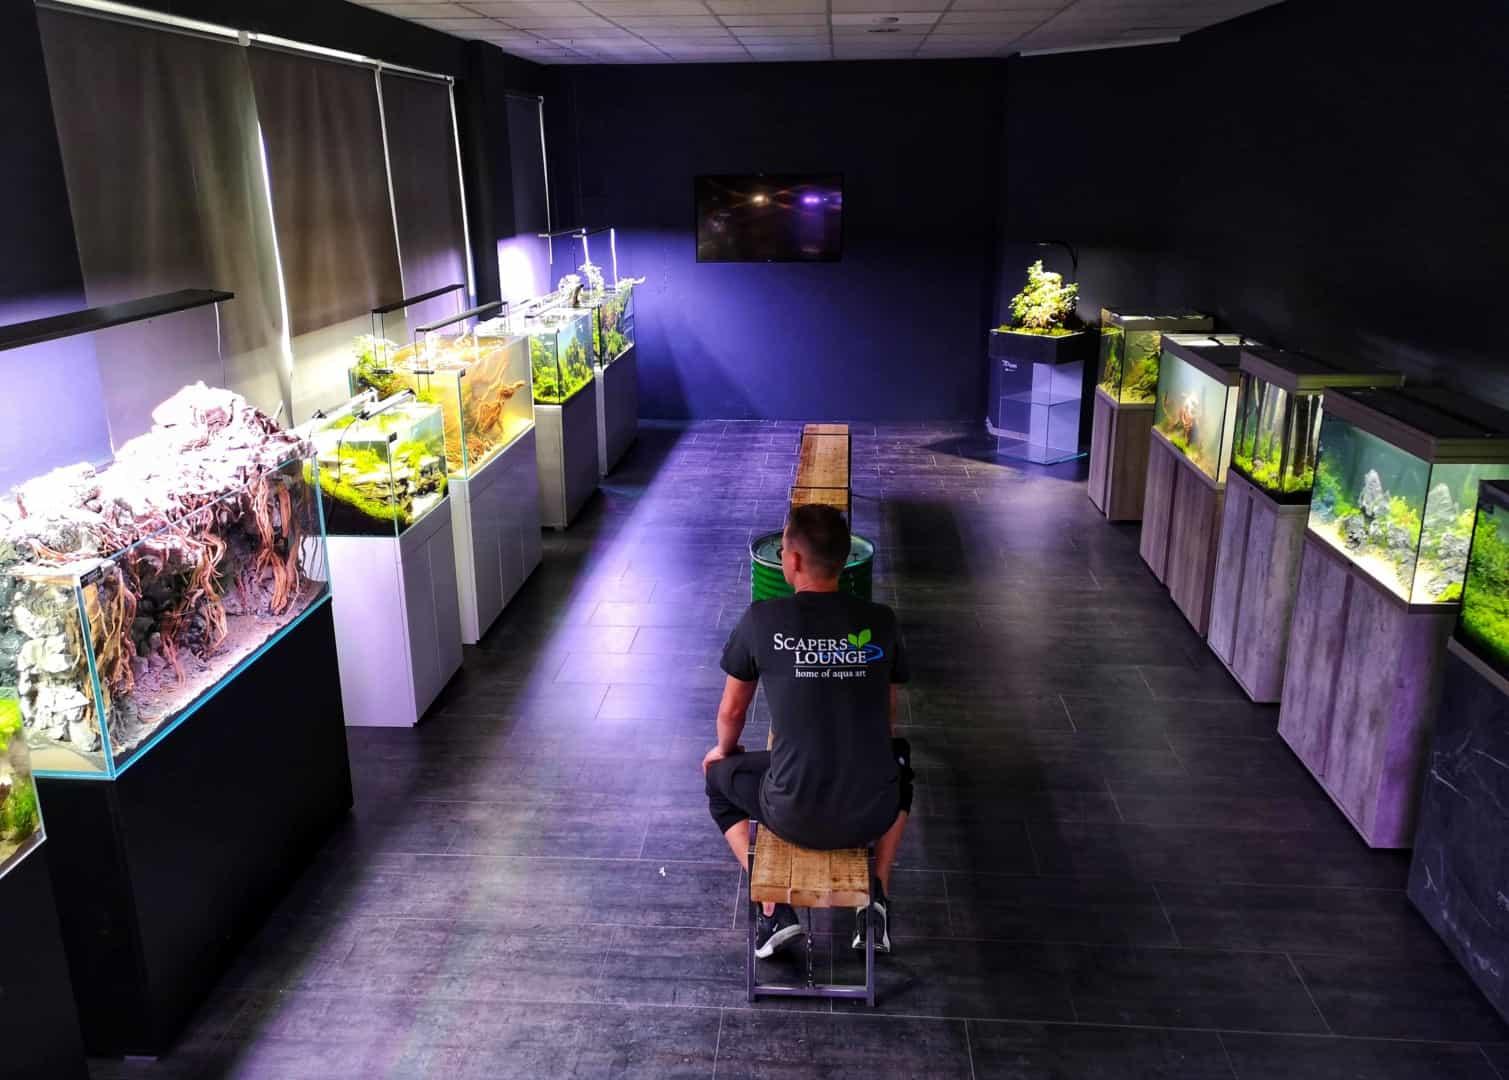 208 - Die Scapers Lounge - Neueröffnung des Mekkas für Naturaquarienliebhaber (Sascha Hoyer & Matthias Levy) 9